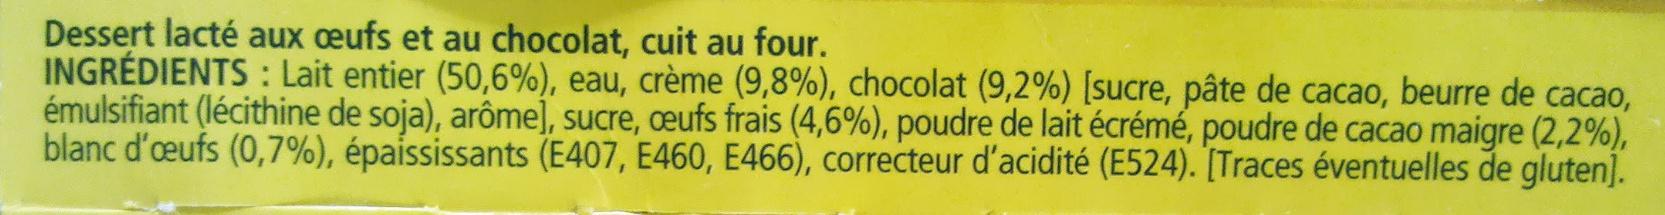 Le Petit Pot de Crème au Chocolat (4 Pots) - Ingredients